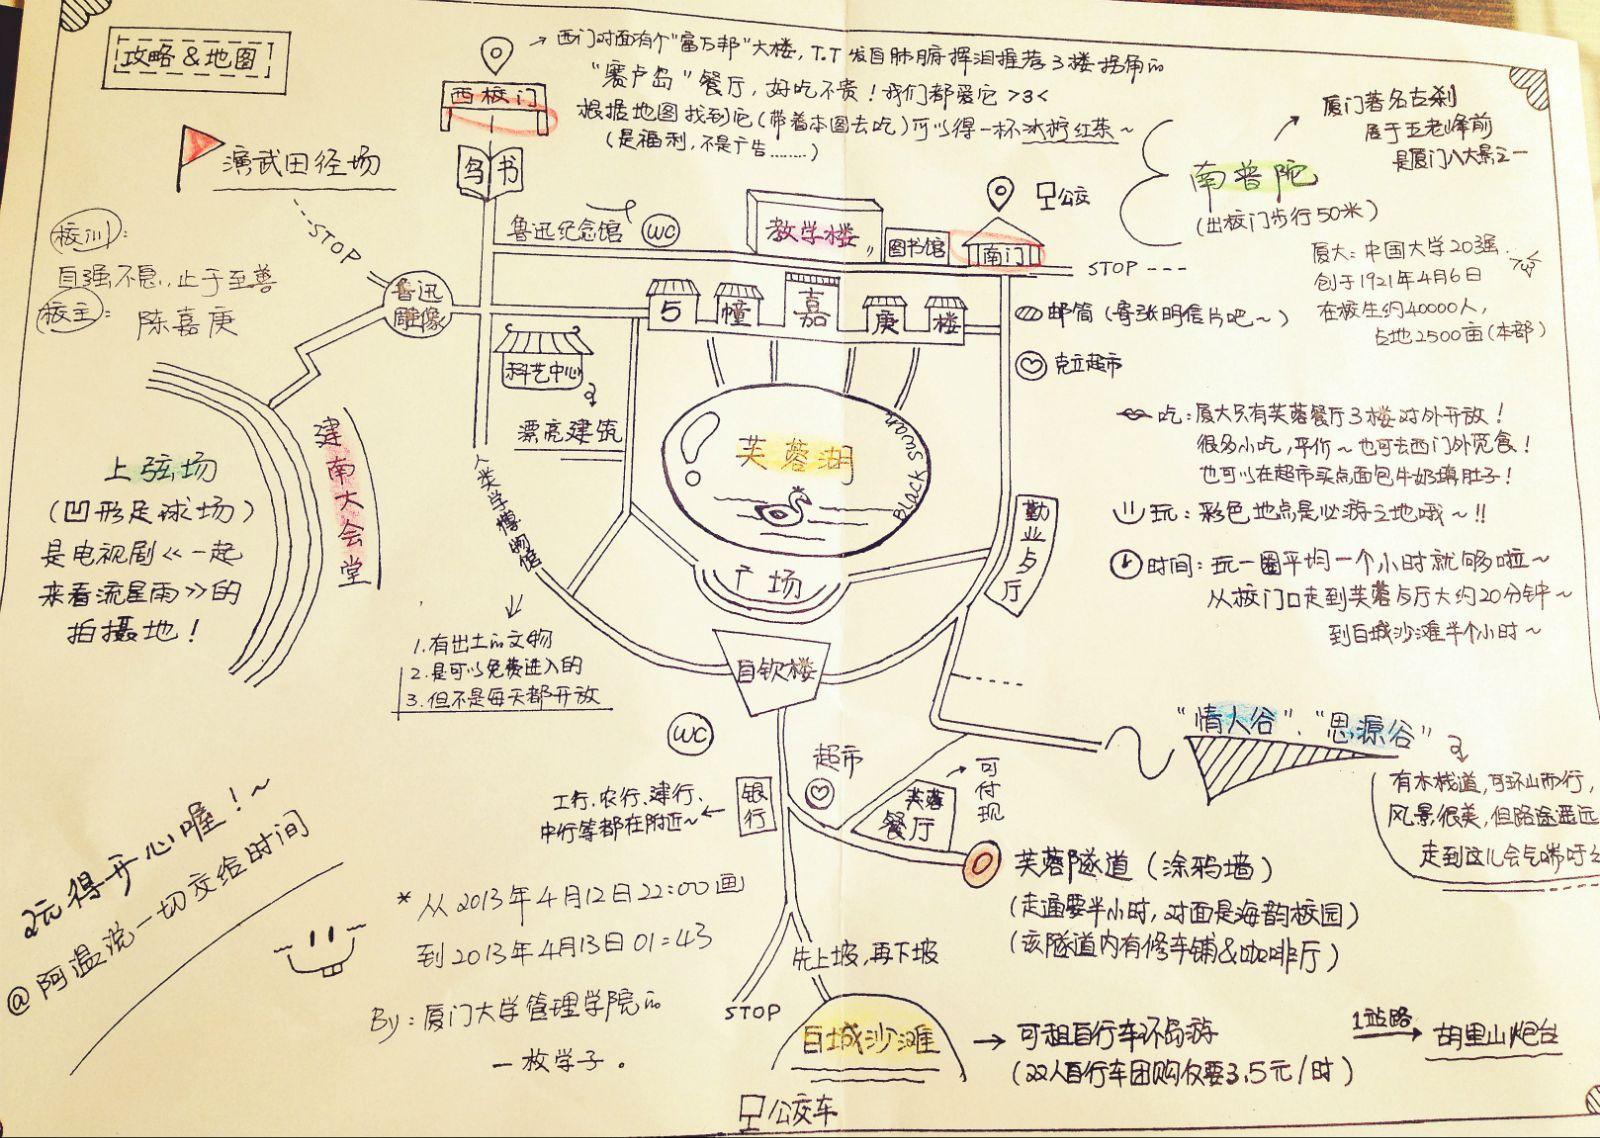 学生卖的手绘地图二元一张